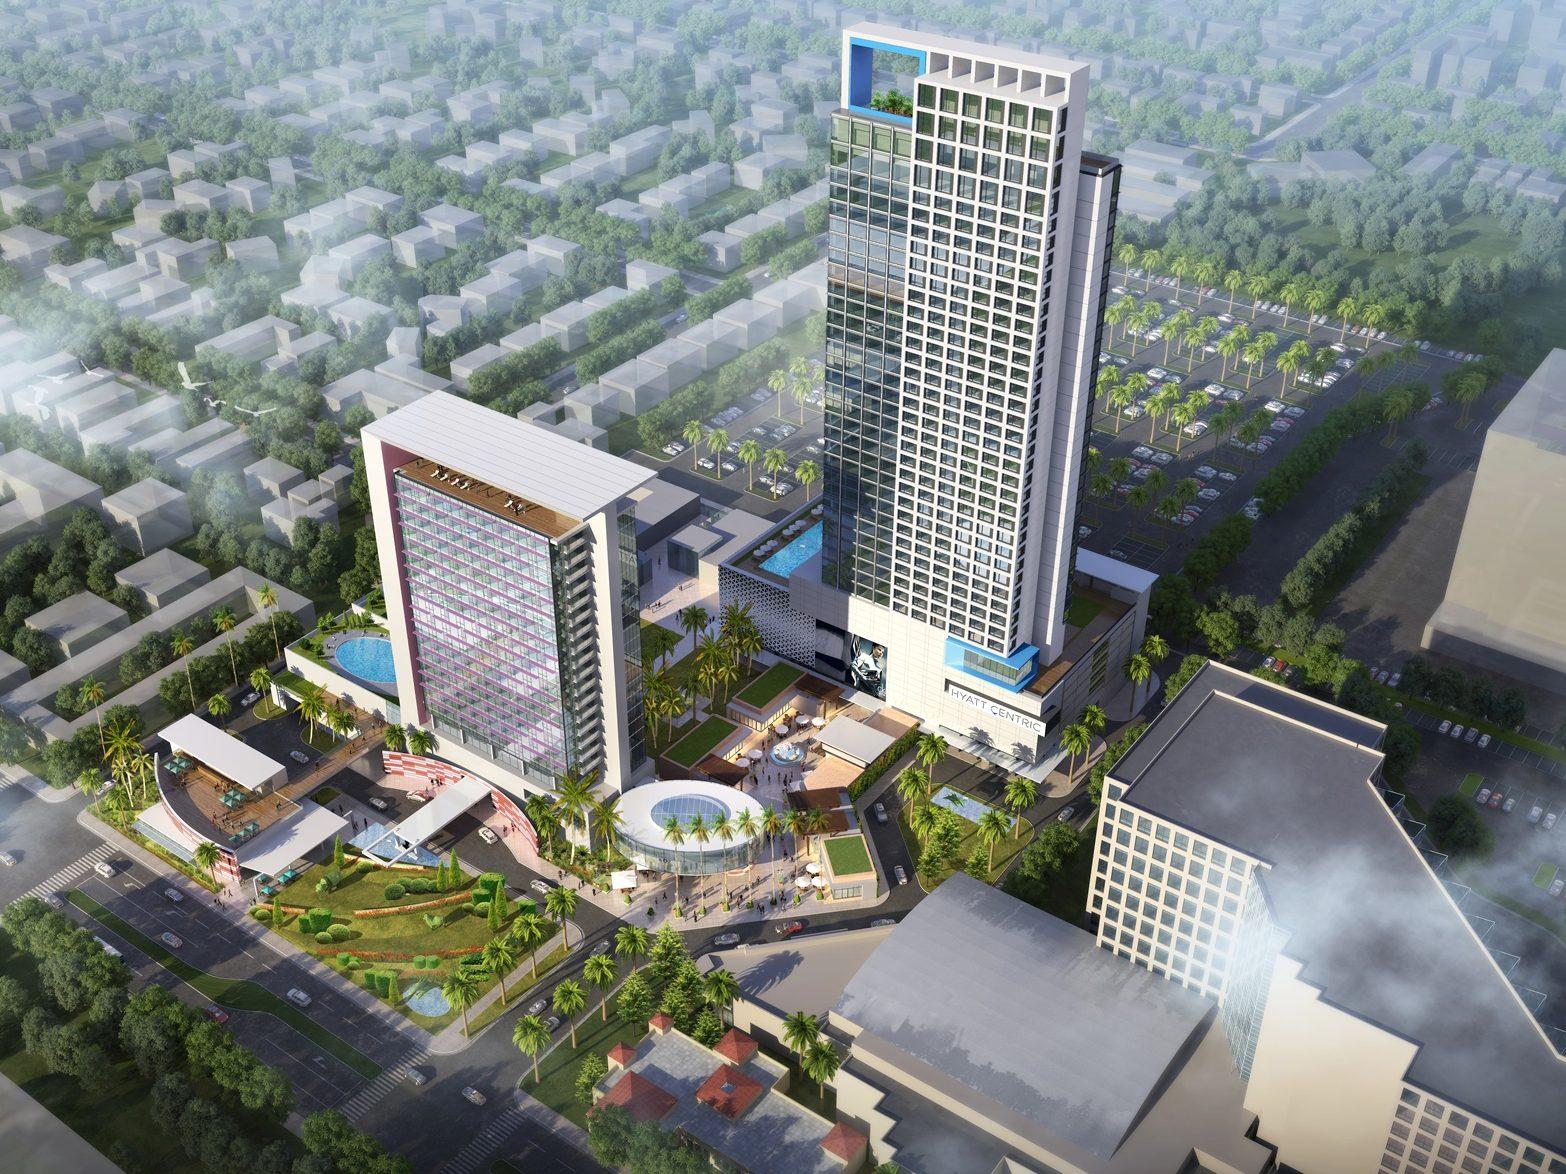 Hyatt Hotel Expansion